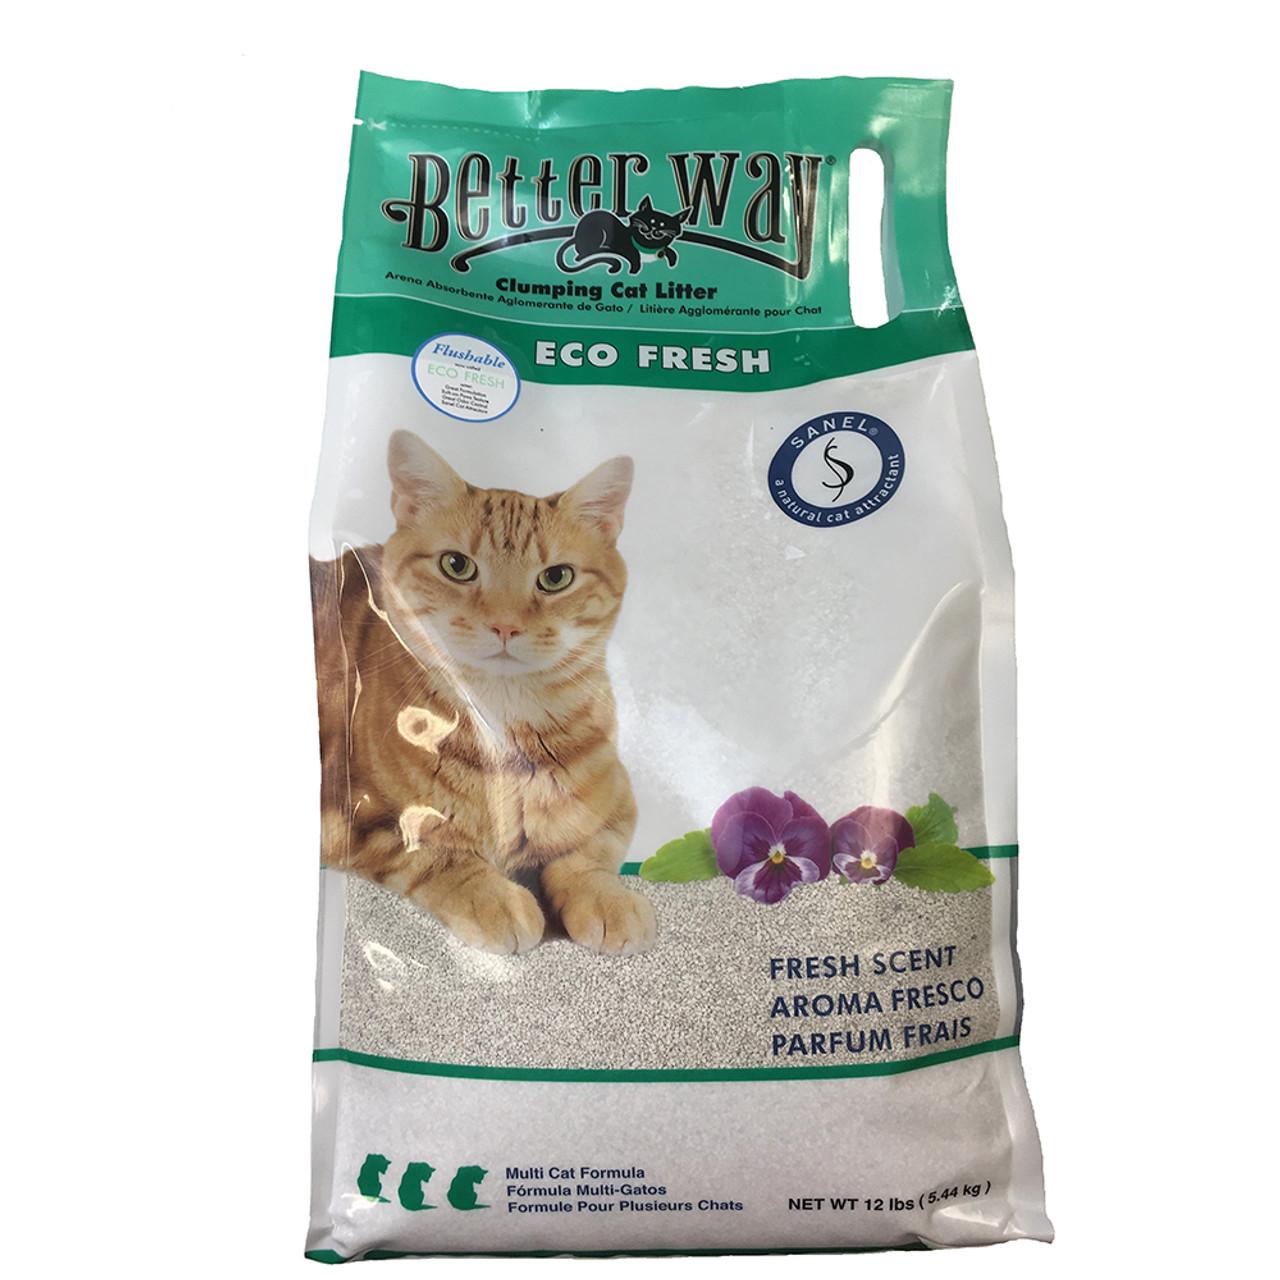 Better Way Eco Fresh Clumping Cat Litter Pet Food Express